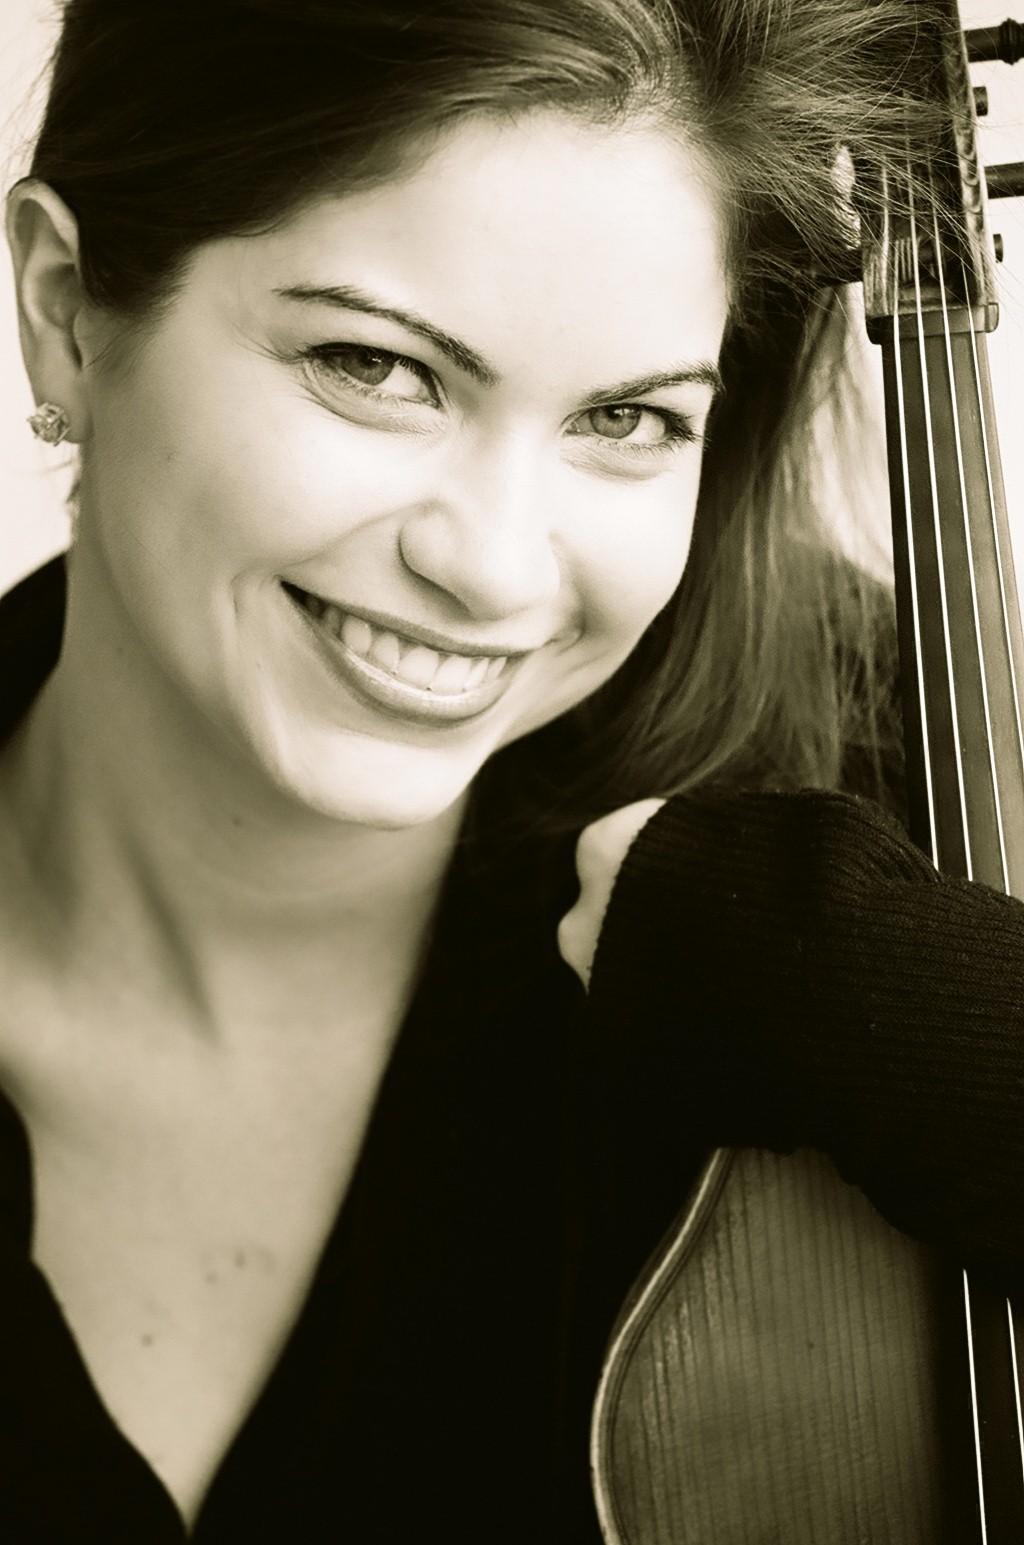 Caitlin Lynch